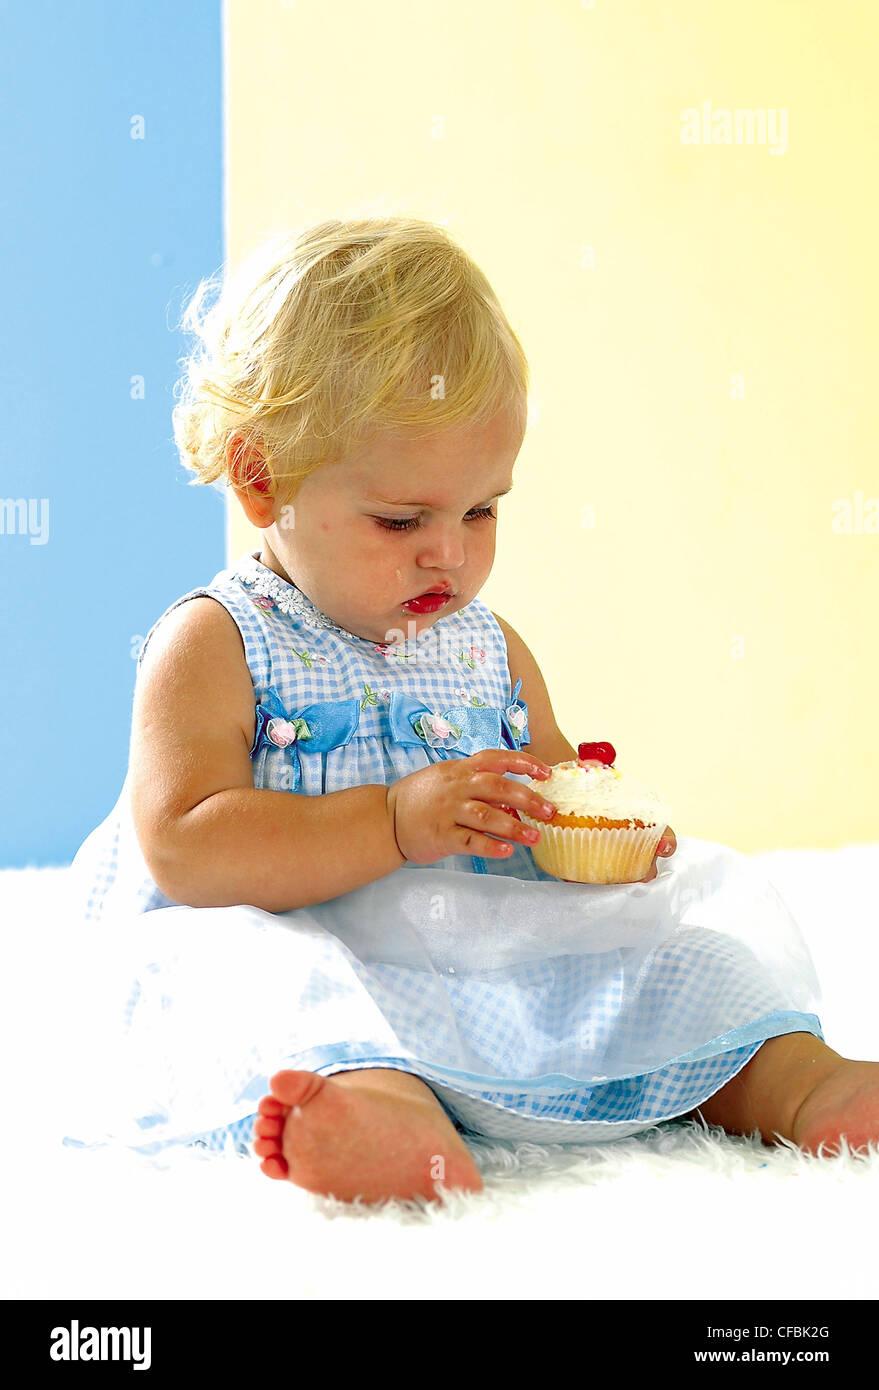 Weibliches Baby Blonde Haare Blau Weiss Karierte Kleid Mit Bogen